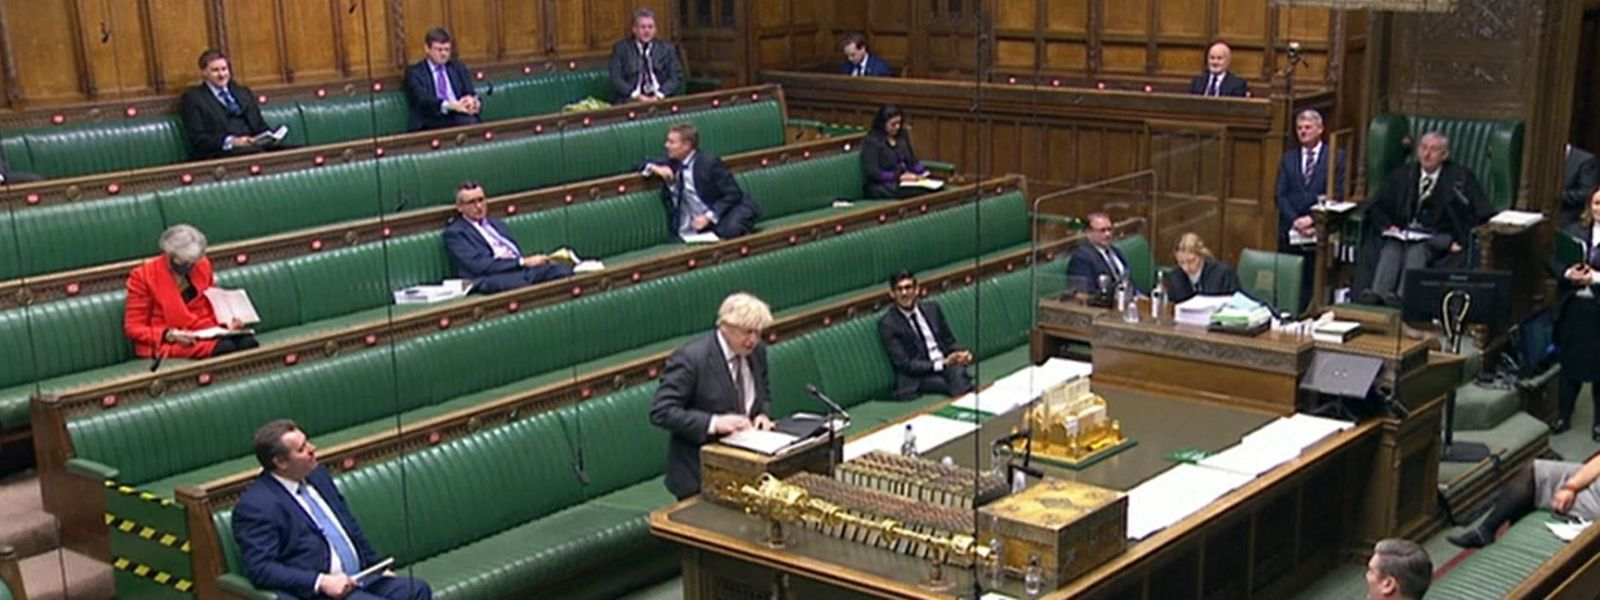 Der Premierminister von Großbritannien spricht während einer Debatte im Unterhaus über die zukünftige Beziehung zur Europäischen Union.